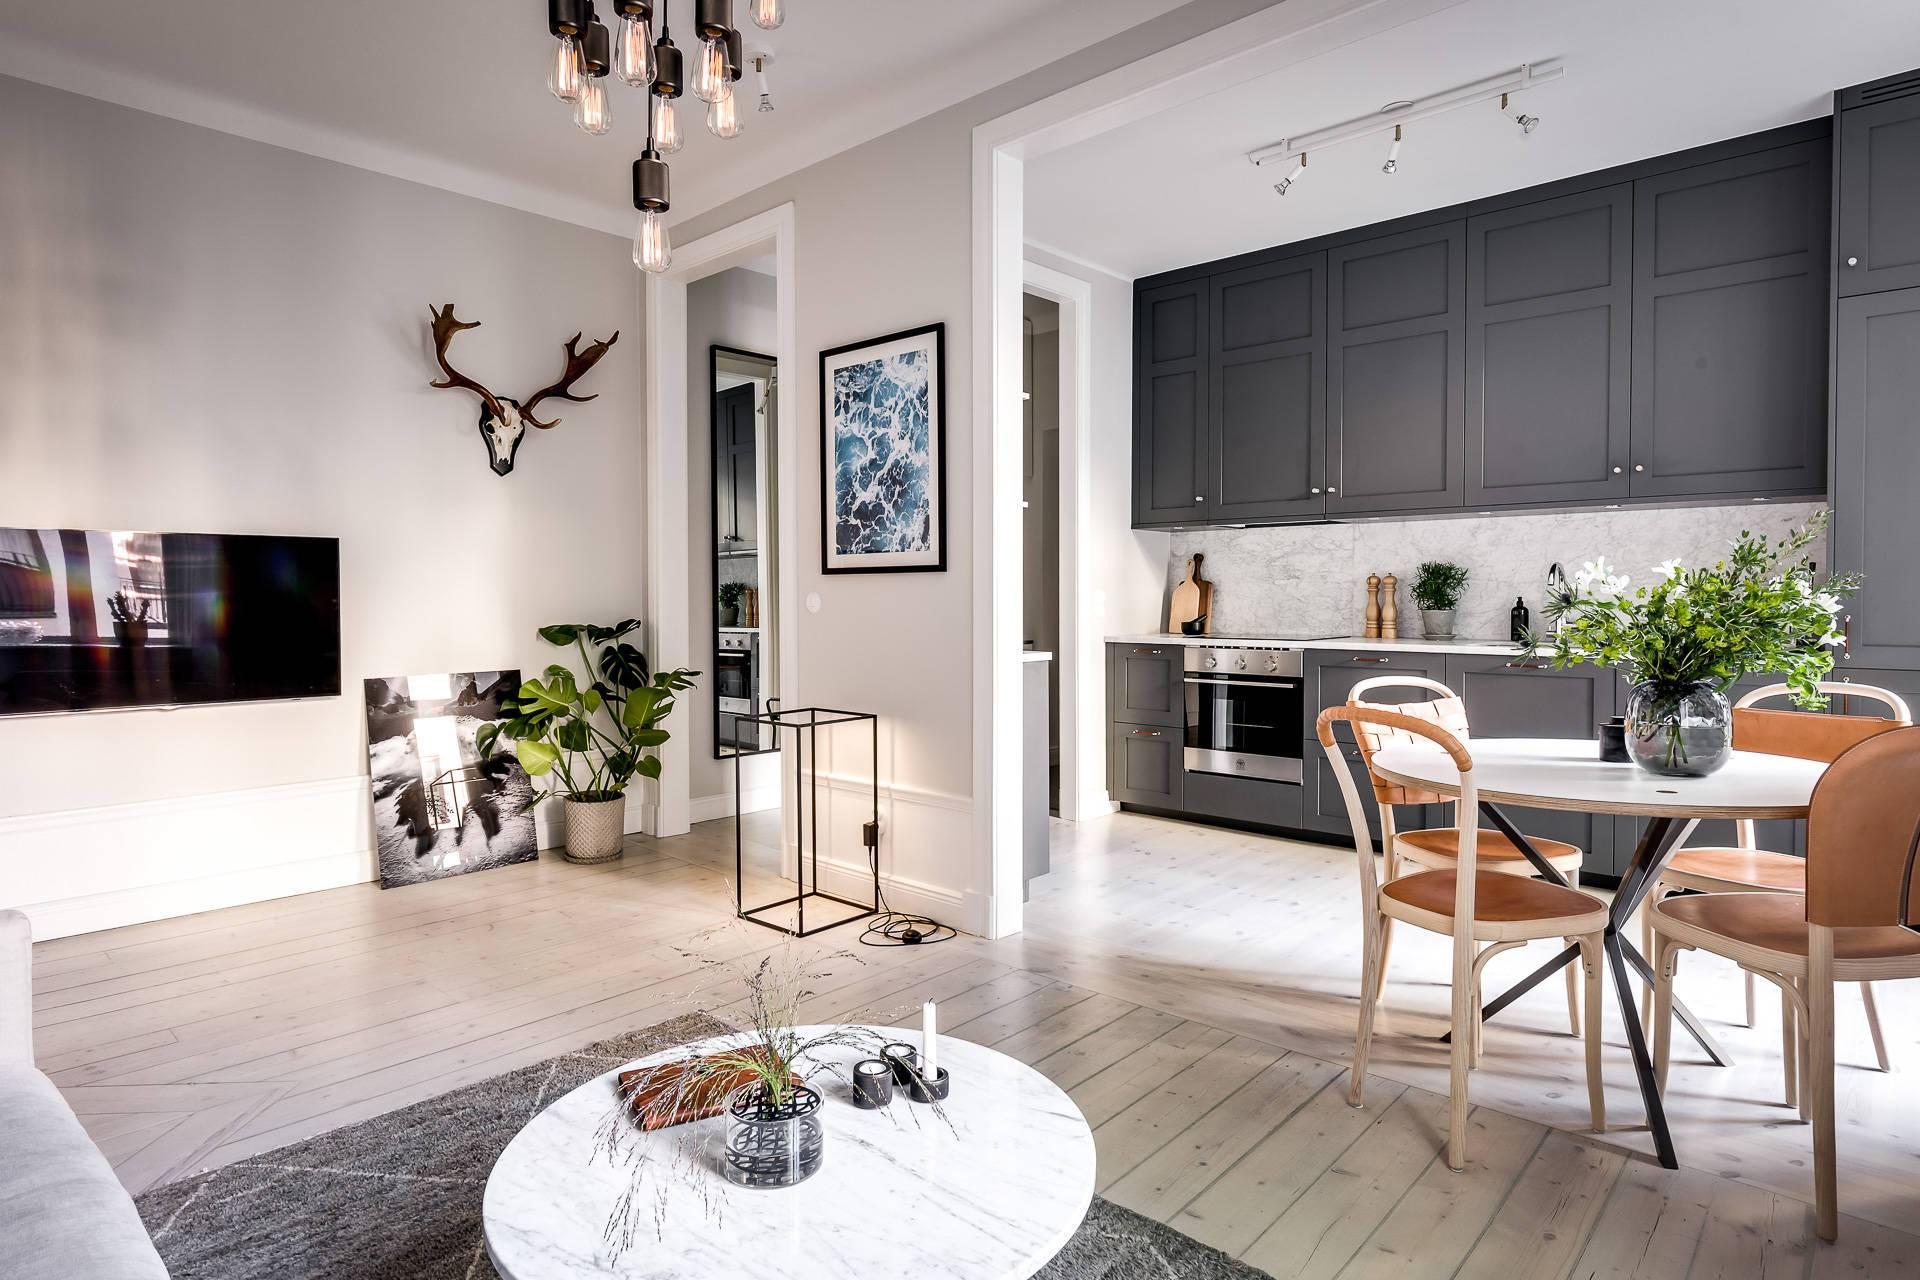 Дизайн квартиры в скандинавском стиле 2019 год